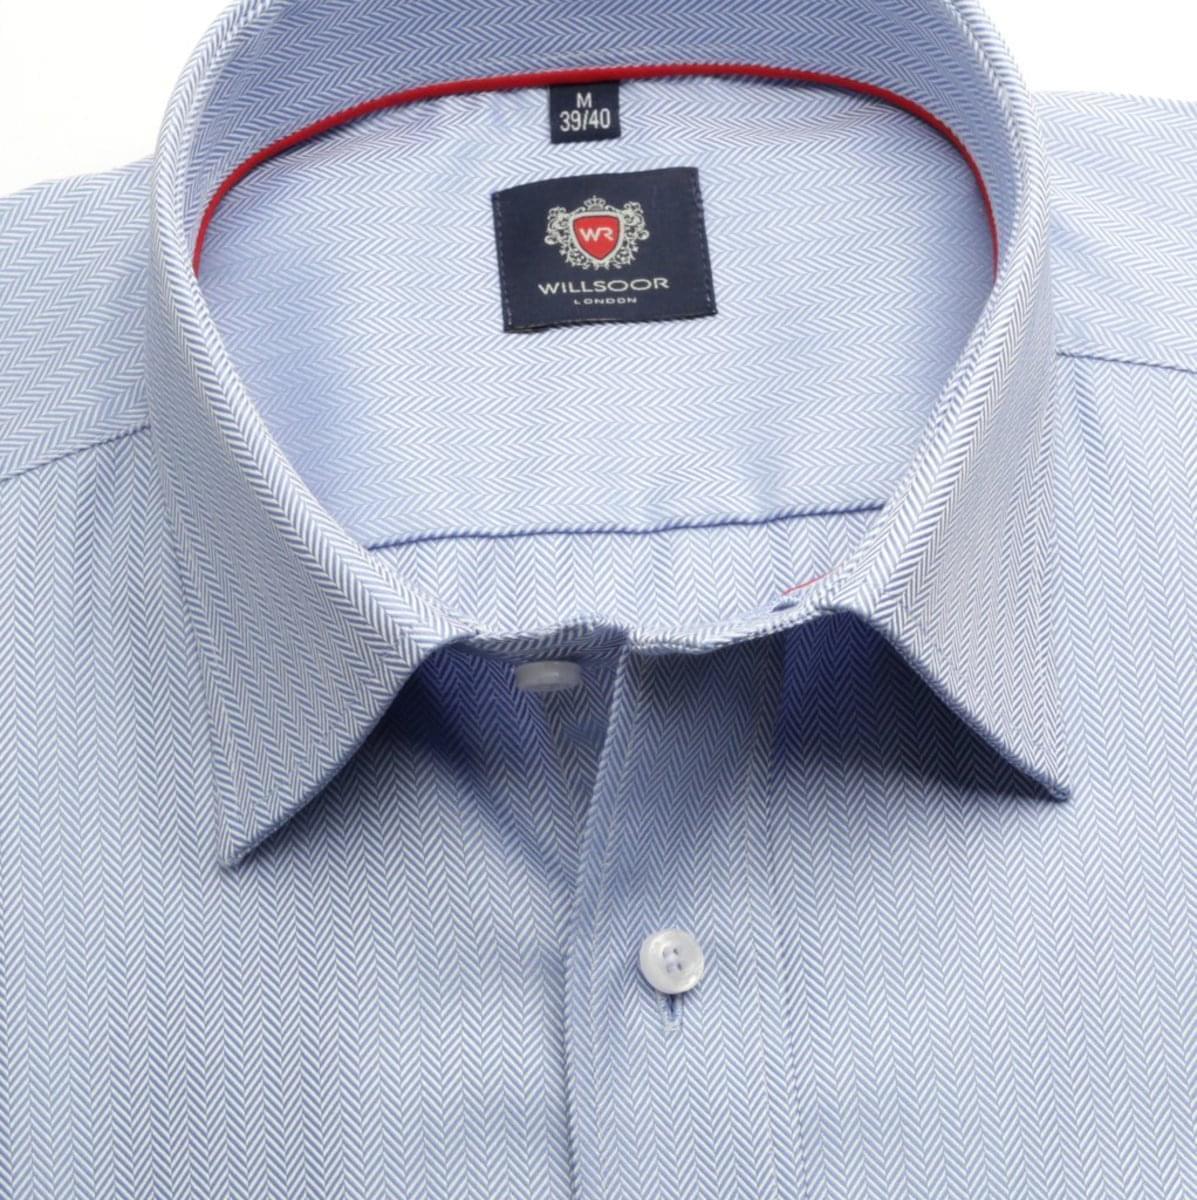 Pánská klasická košile London (výška 188-194) 6685 v modré barvě s formulí Easy Care 188-194 / XXL (45/46)